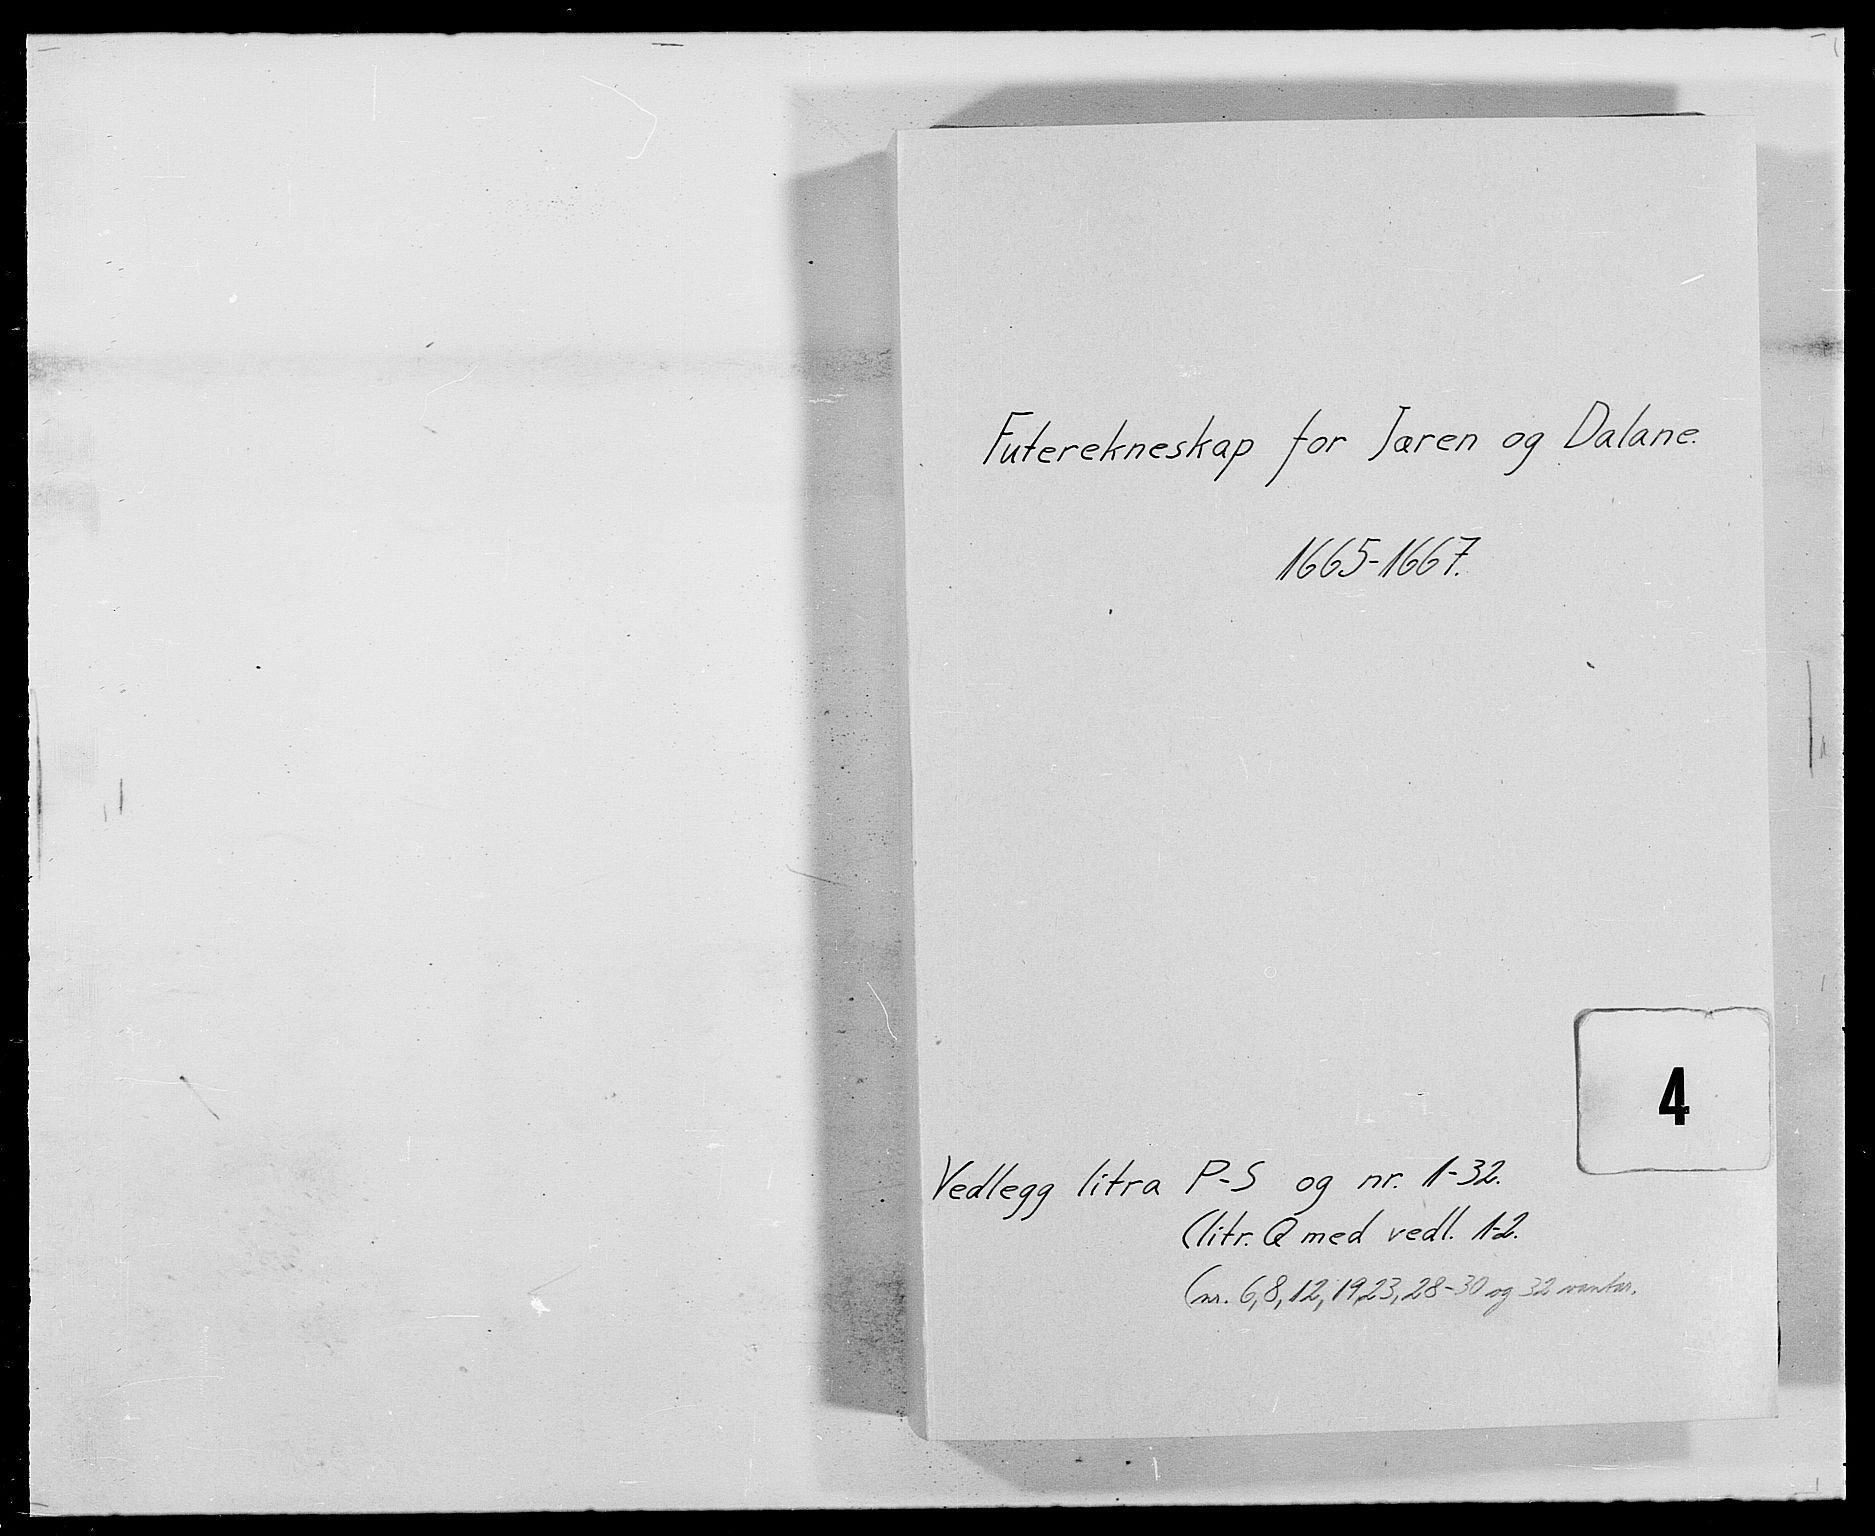 RA, Rentekammeret inntil 1814, Reviderte regnskaper, Fogderegnskap, R46/L2710: Fogderegnskap Jæren og Dalane, 1667, s. 143